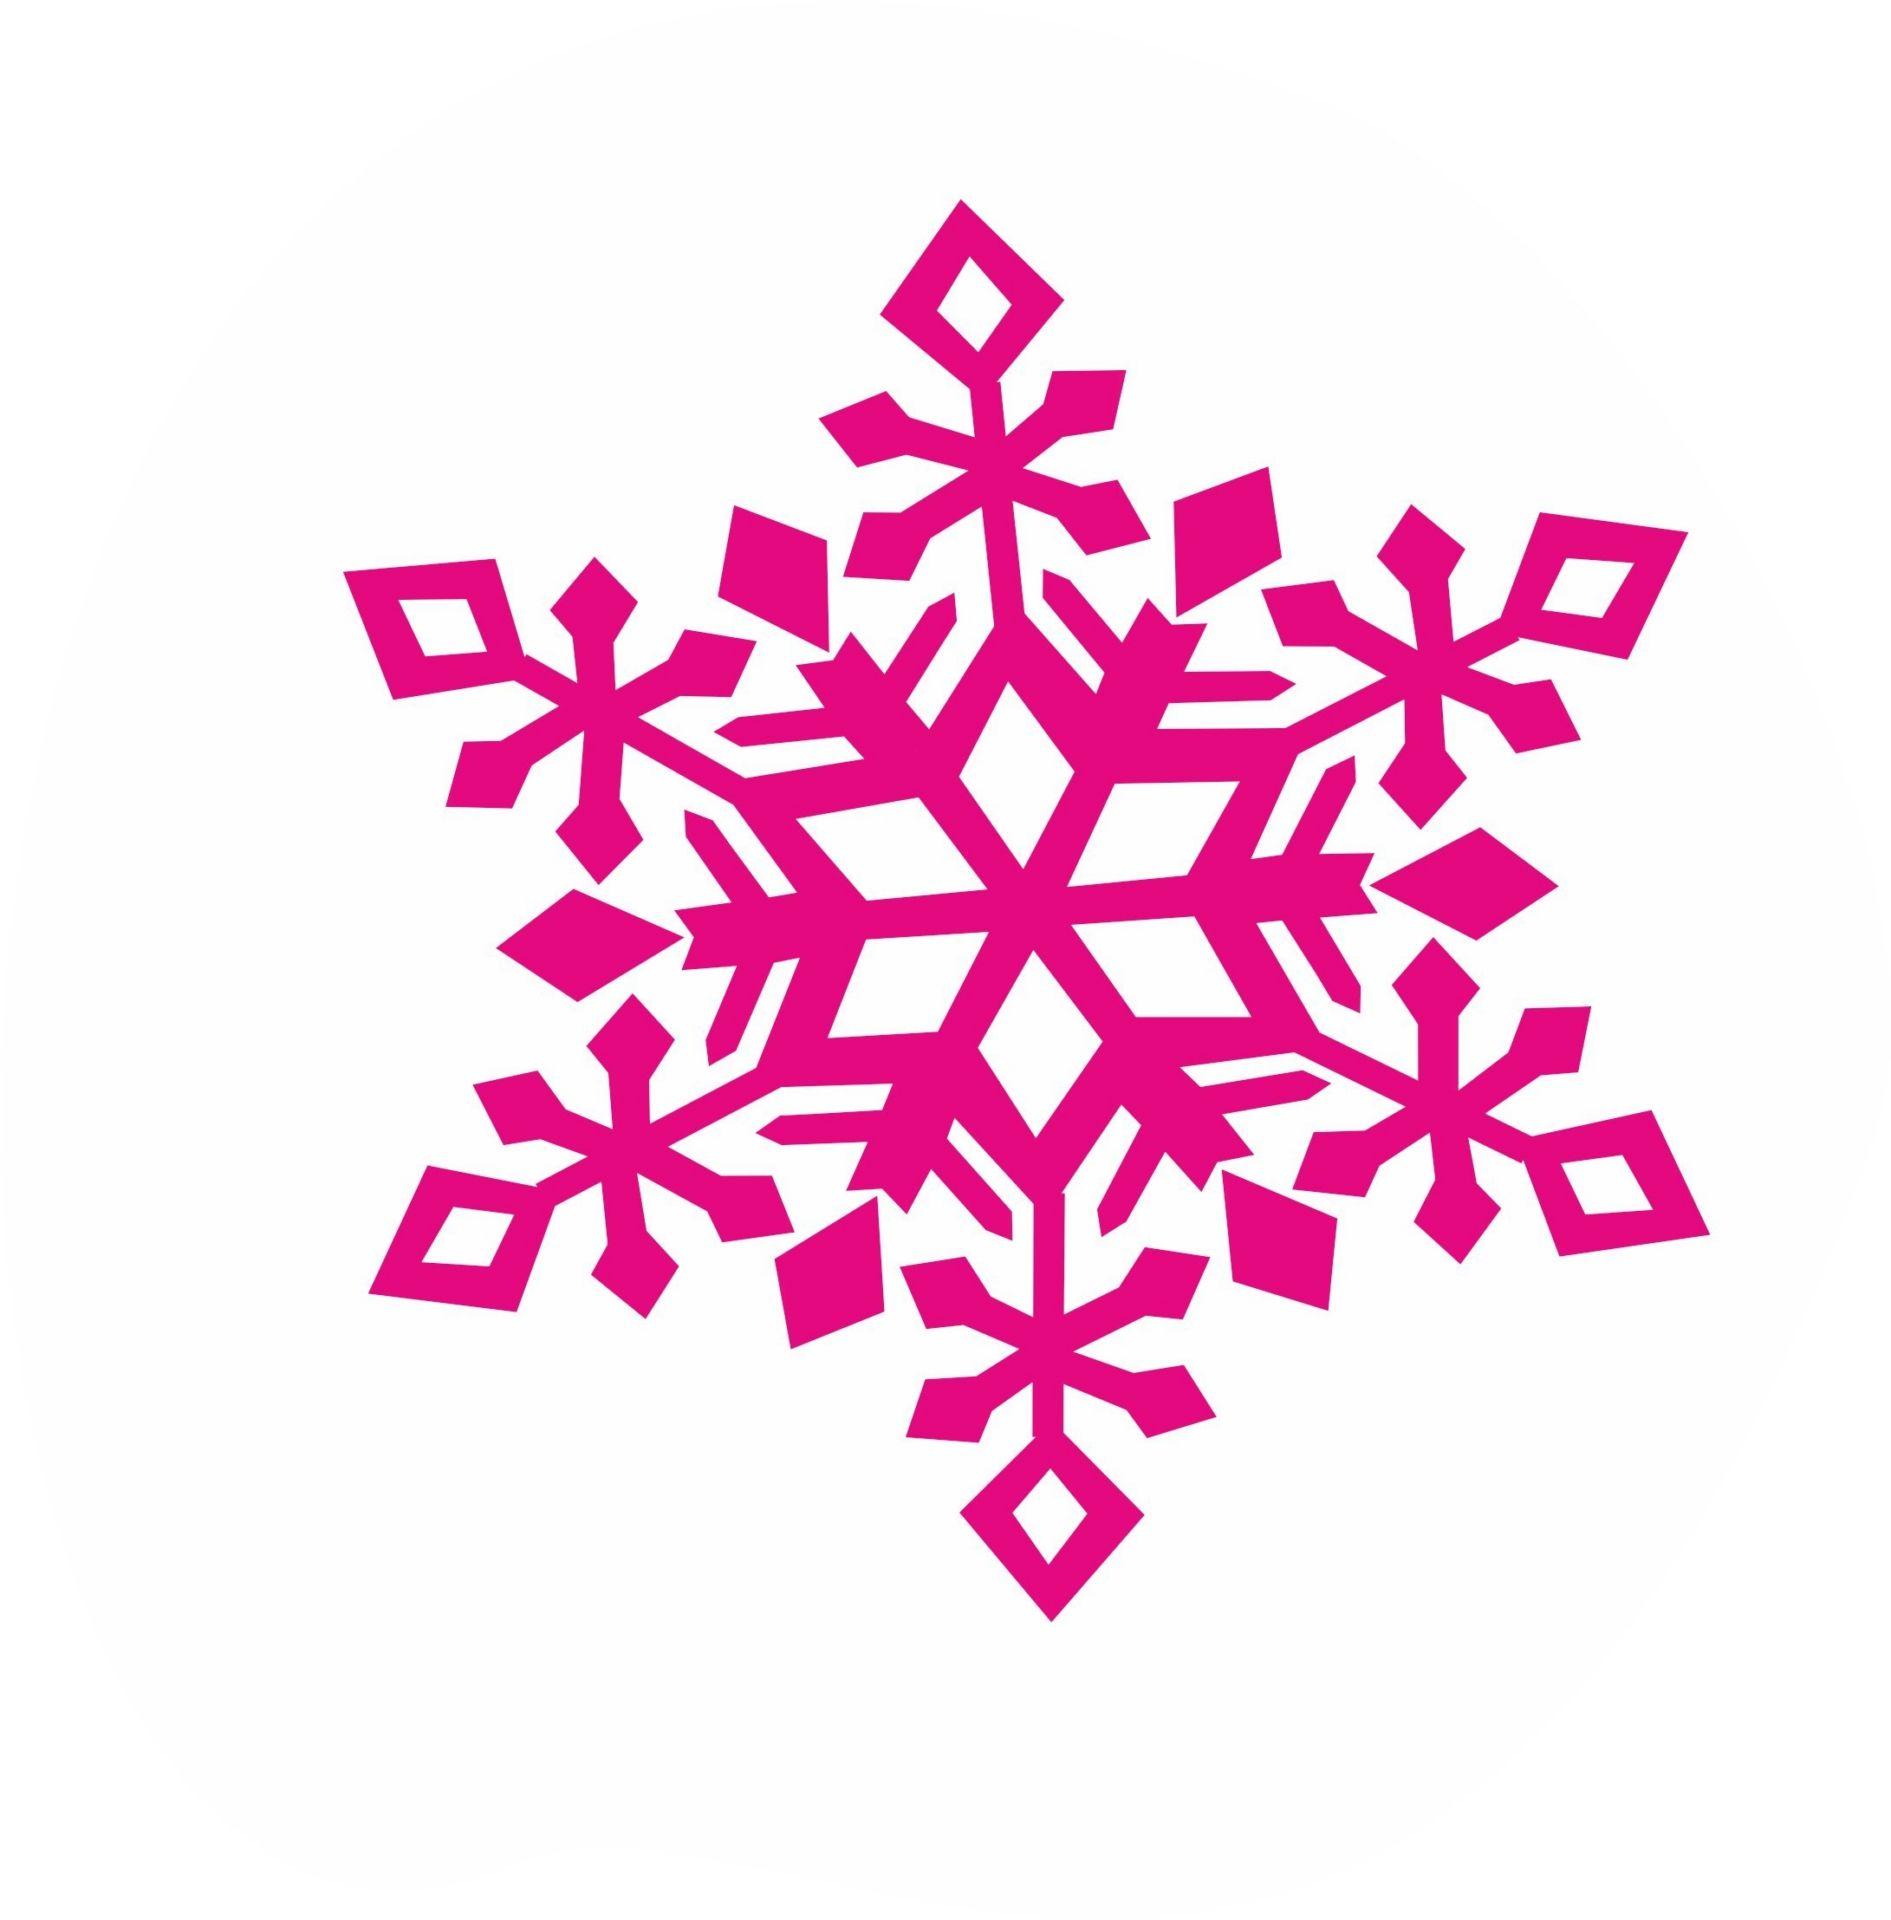 Мини-плакат вырубной Снежинка краснаяТовары для оформления и проведения праздника<br>.<br><br>Год: 2017<br>Серия: Вырубные фигуры для оформления<br>Высота: 160<br>Ширина: 150<br>Переплёт: набор